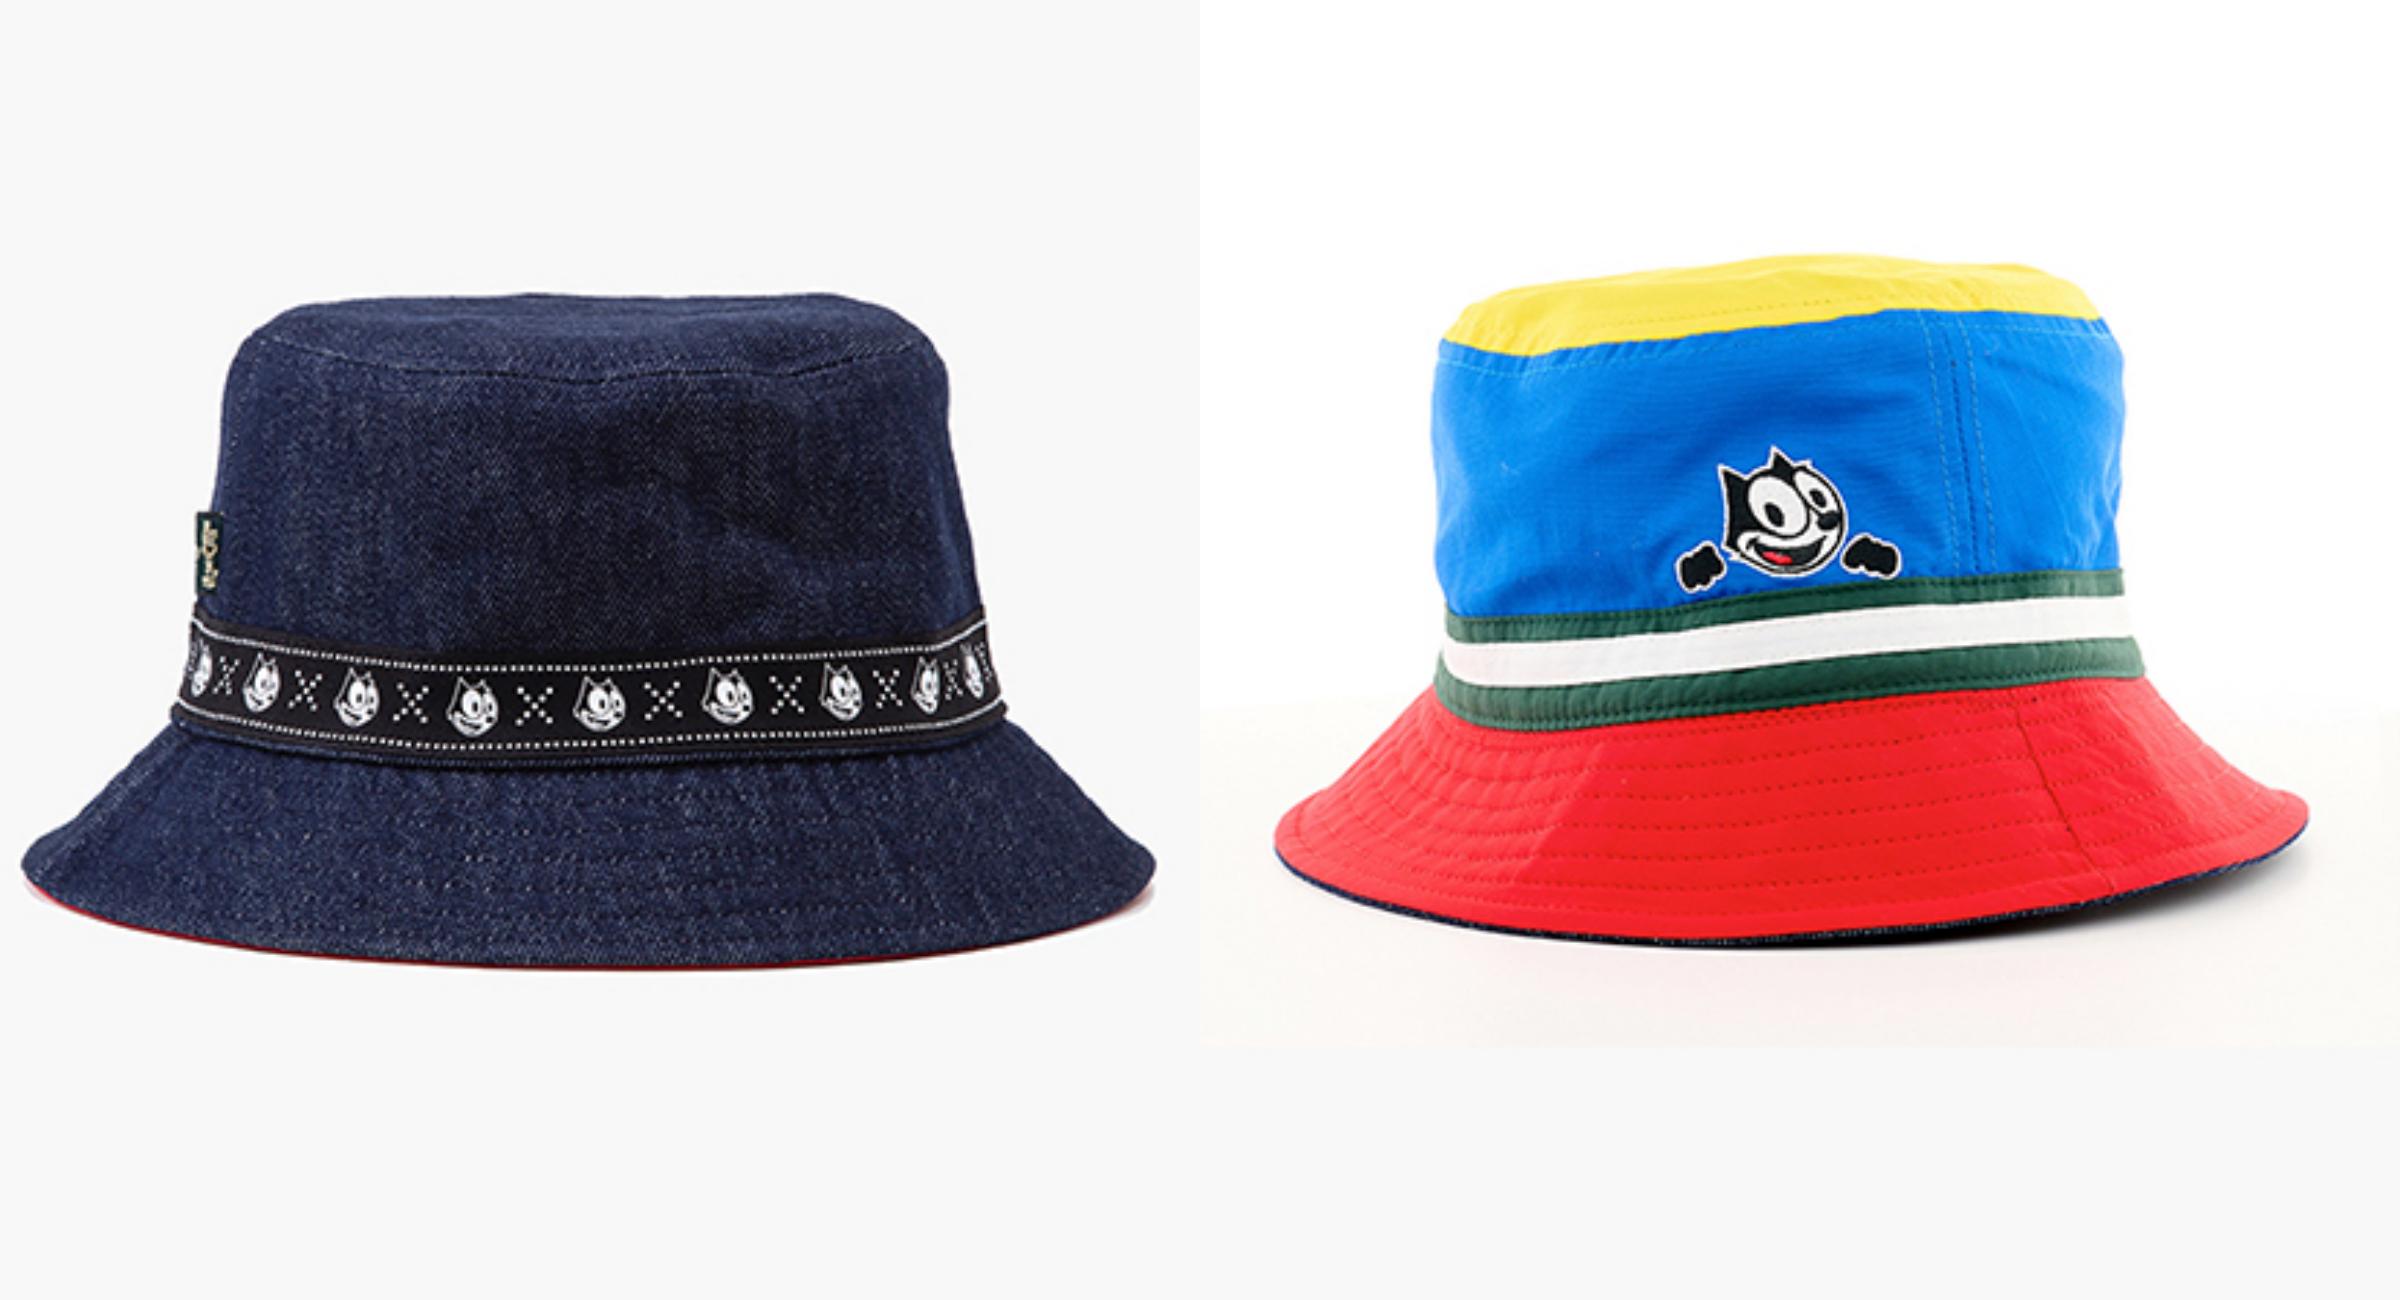 Bộ sưu tập còn tạo sức hút với dòng mũ nón Campus Bucket hai mặt đầy màu sắc, đậm nét Felix, góp phần tạo thêm điểm nhấn cho trang phục.